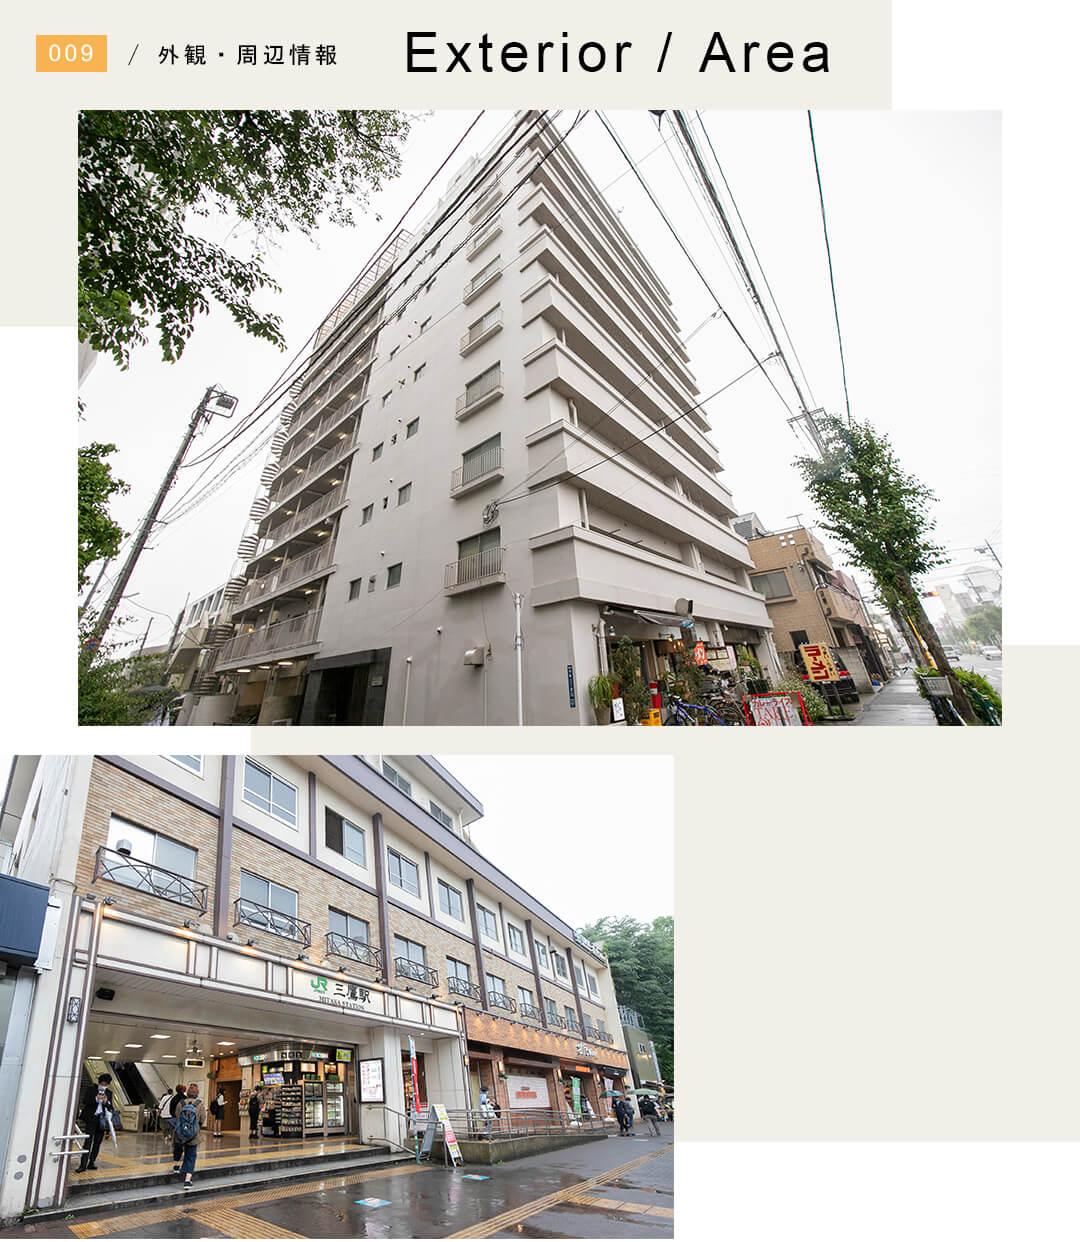 武蔵野サマリヤマンションの外観と周辺情報